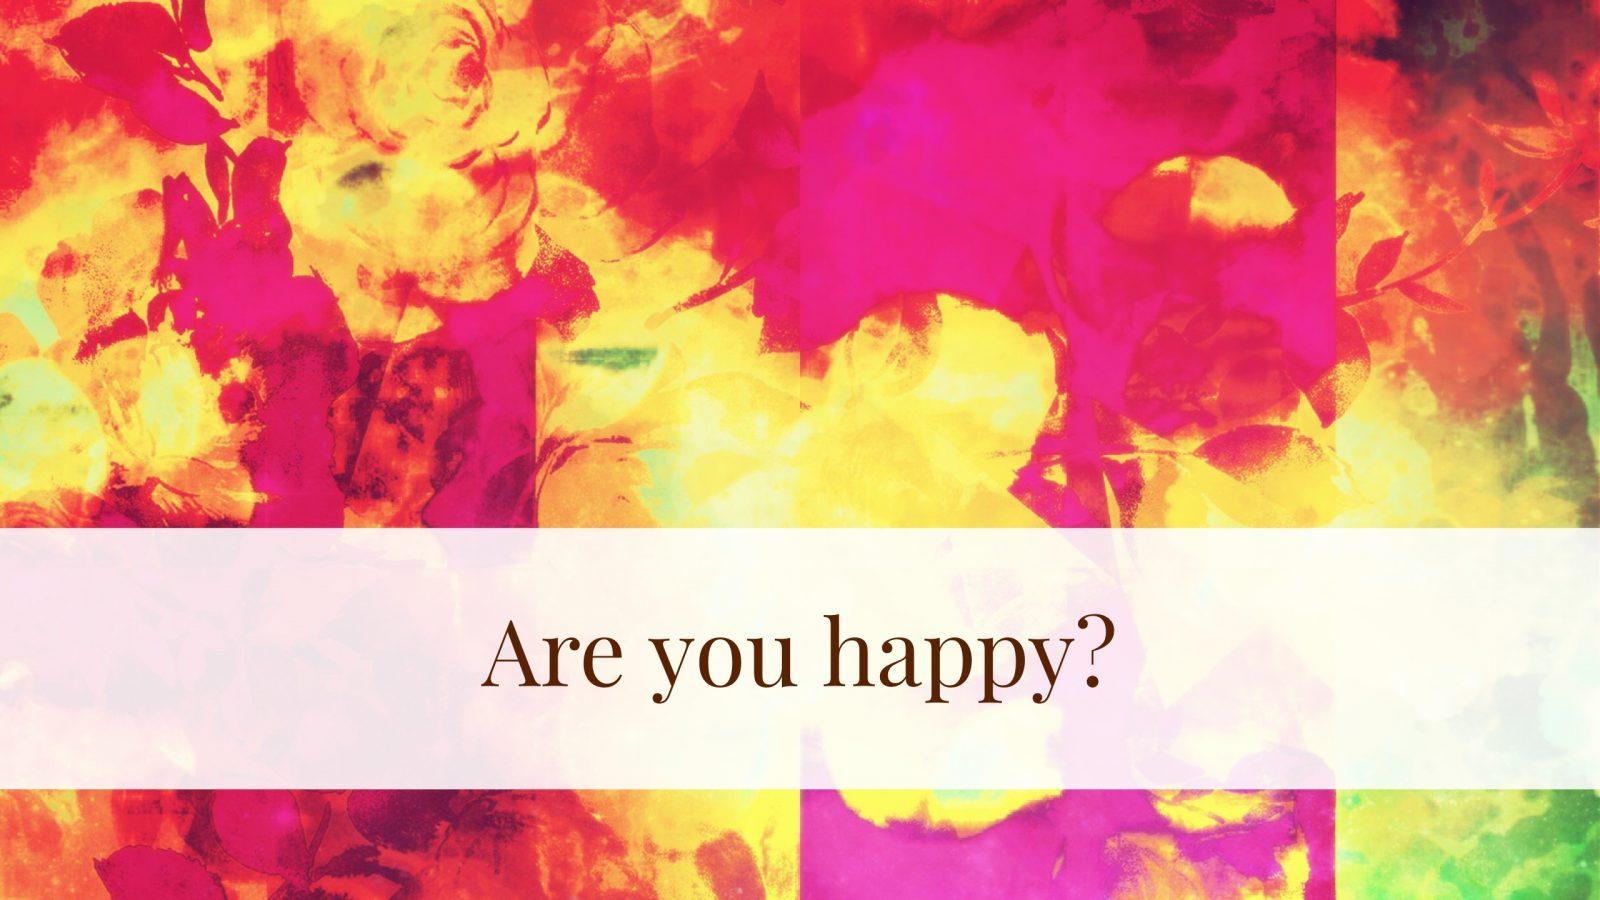 幸せを表現する語彙を多く持たないという現状からの未来